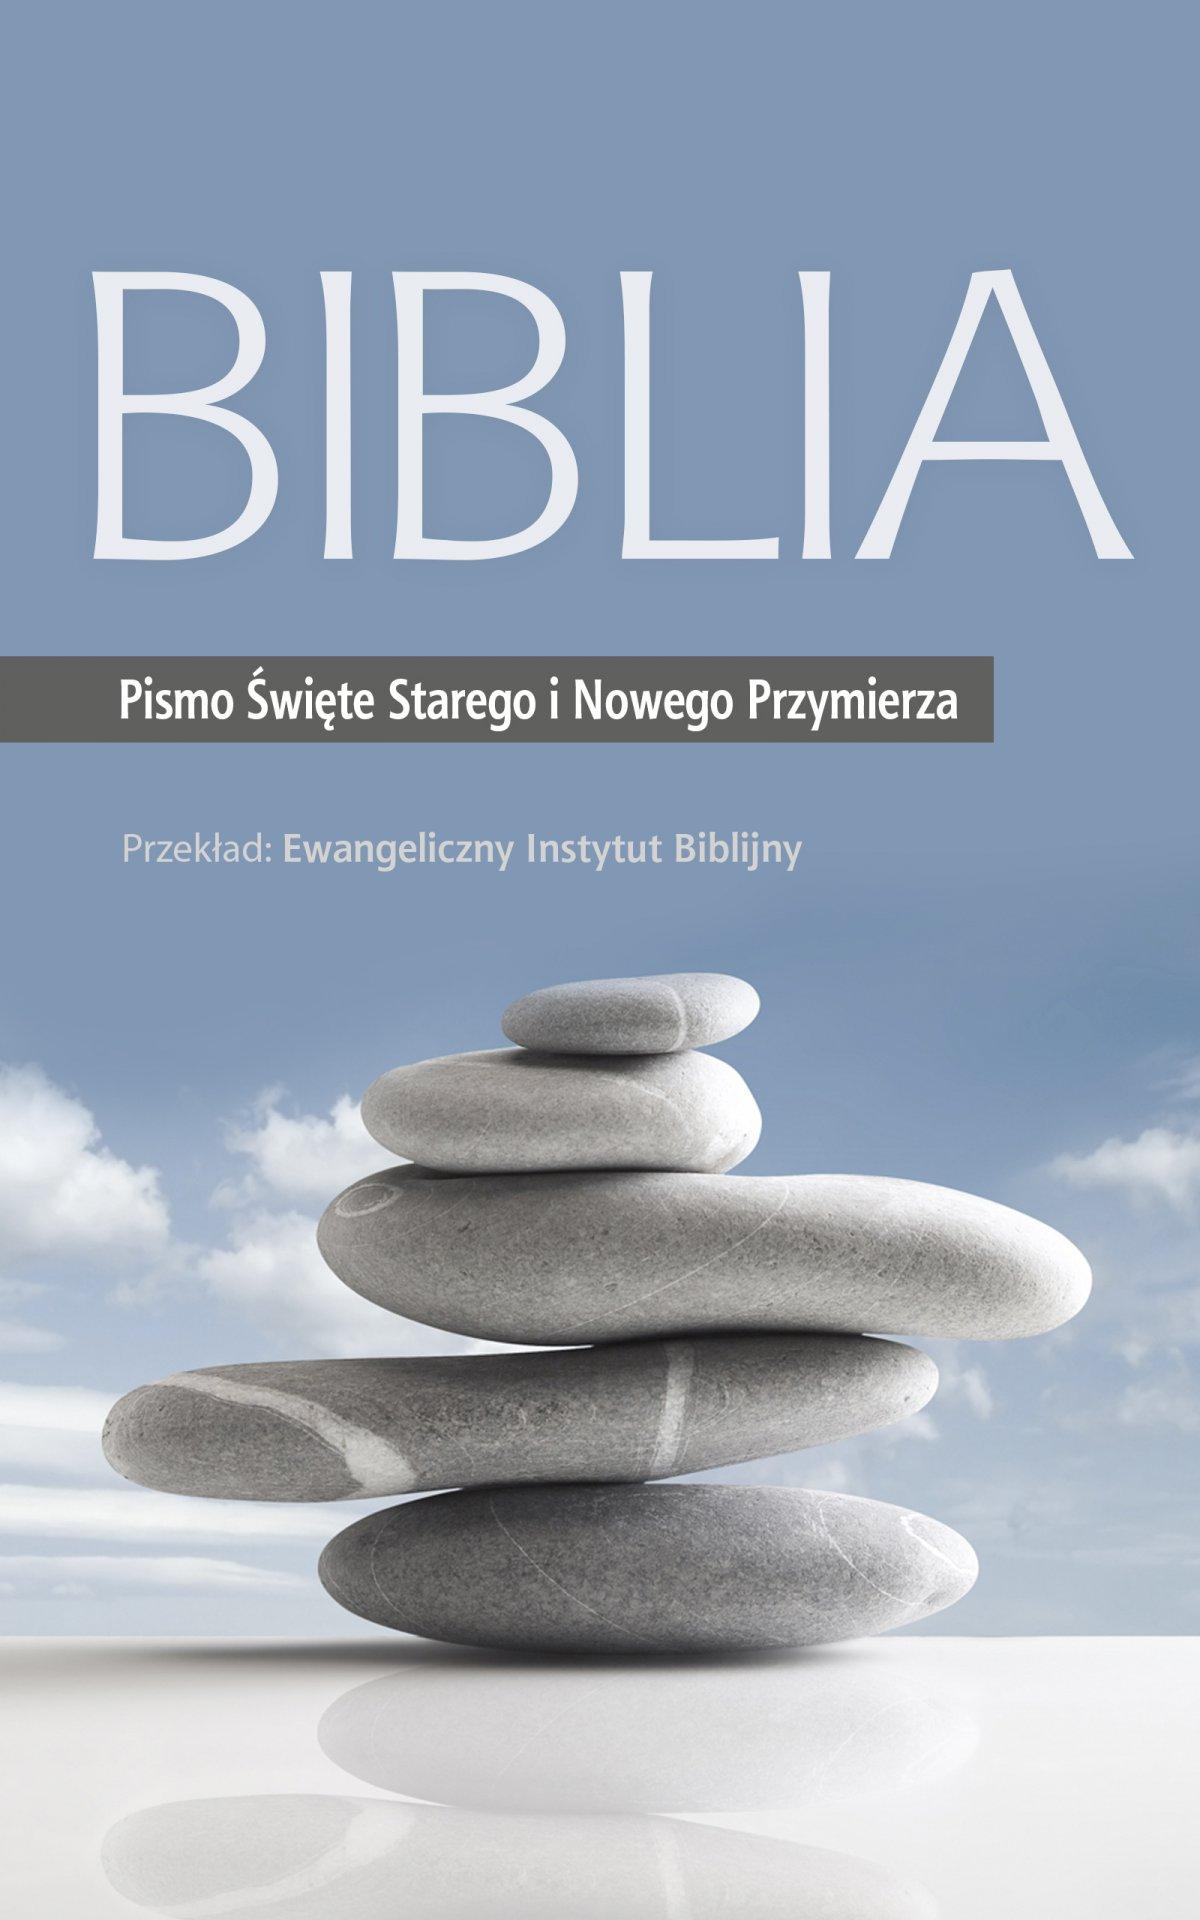 Biblia: Pismo Święte Starego i Nowego Przymierza - Ebook (Książka EPUB) do pobrania w formacie EPUB